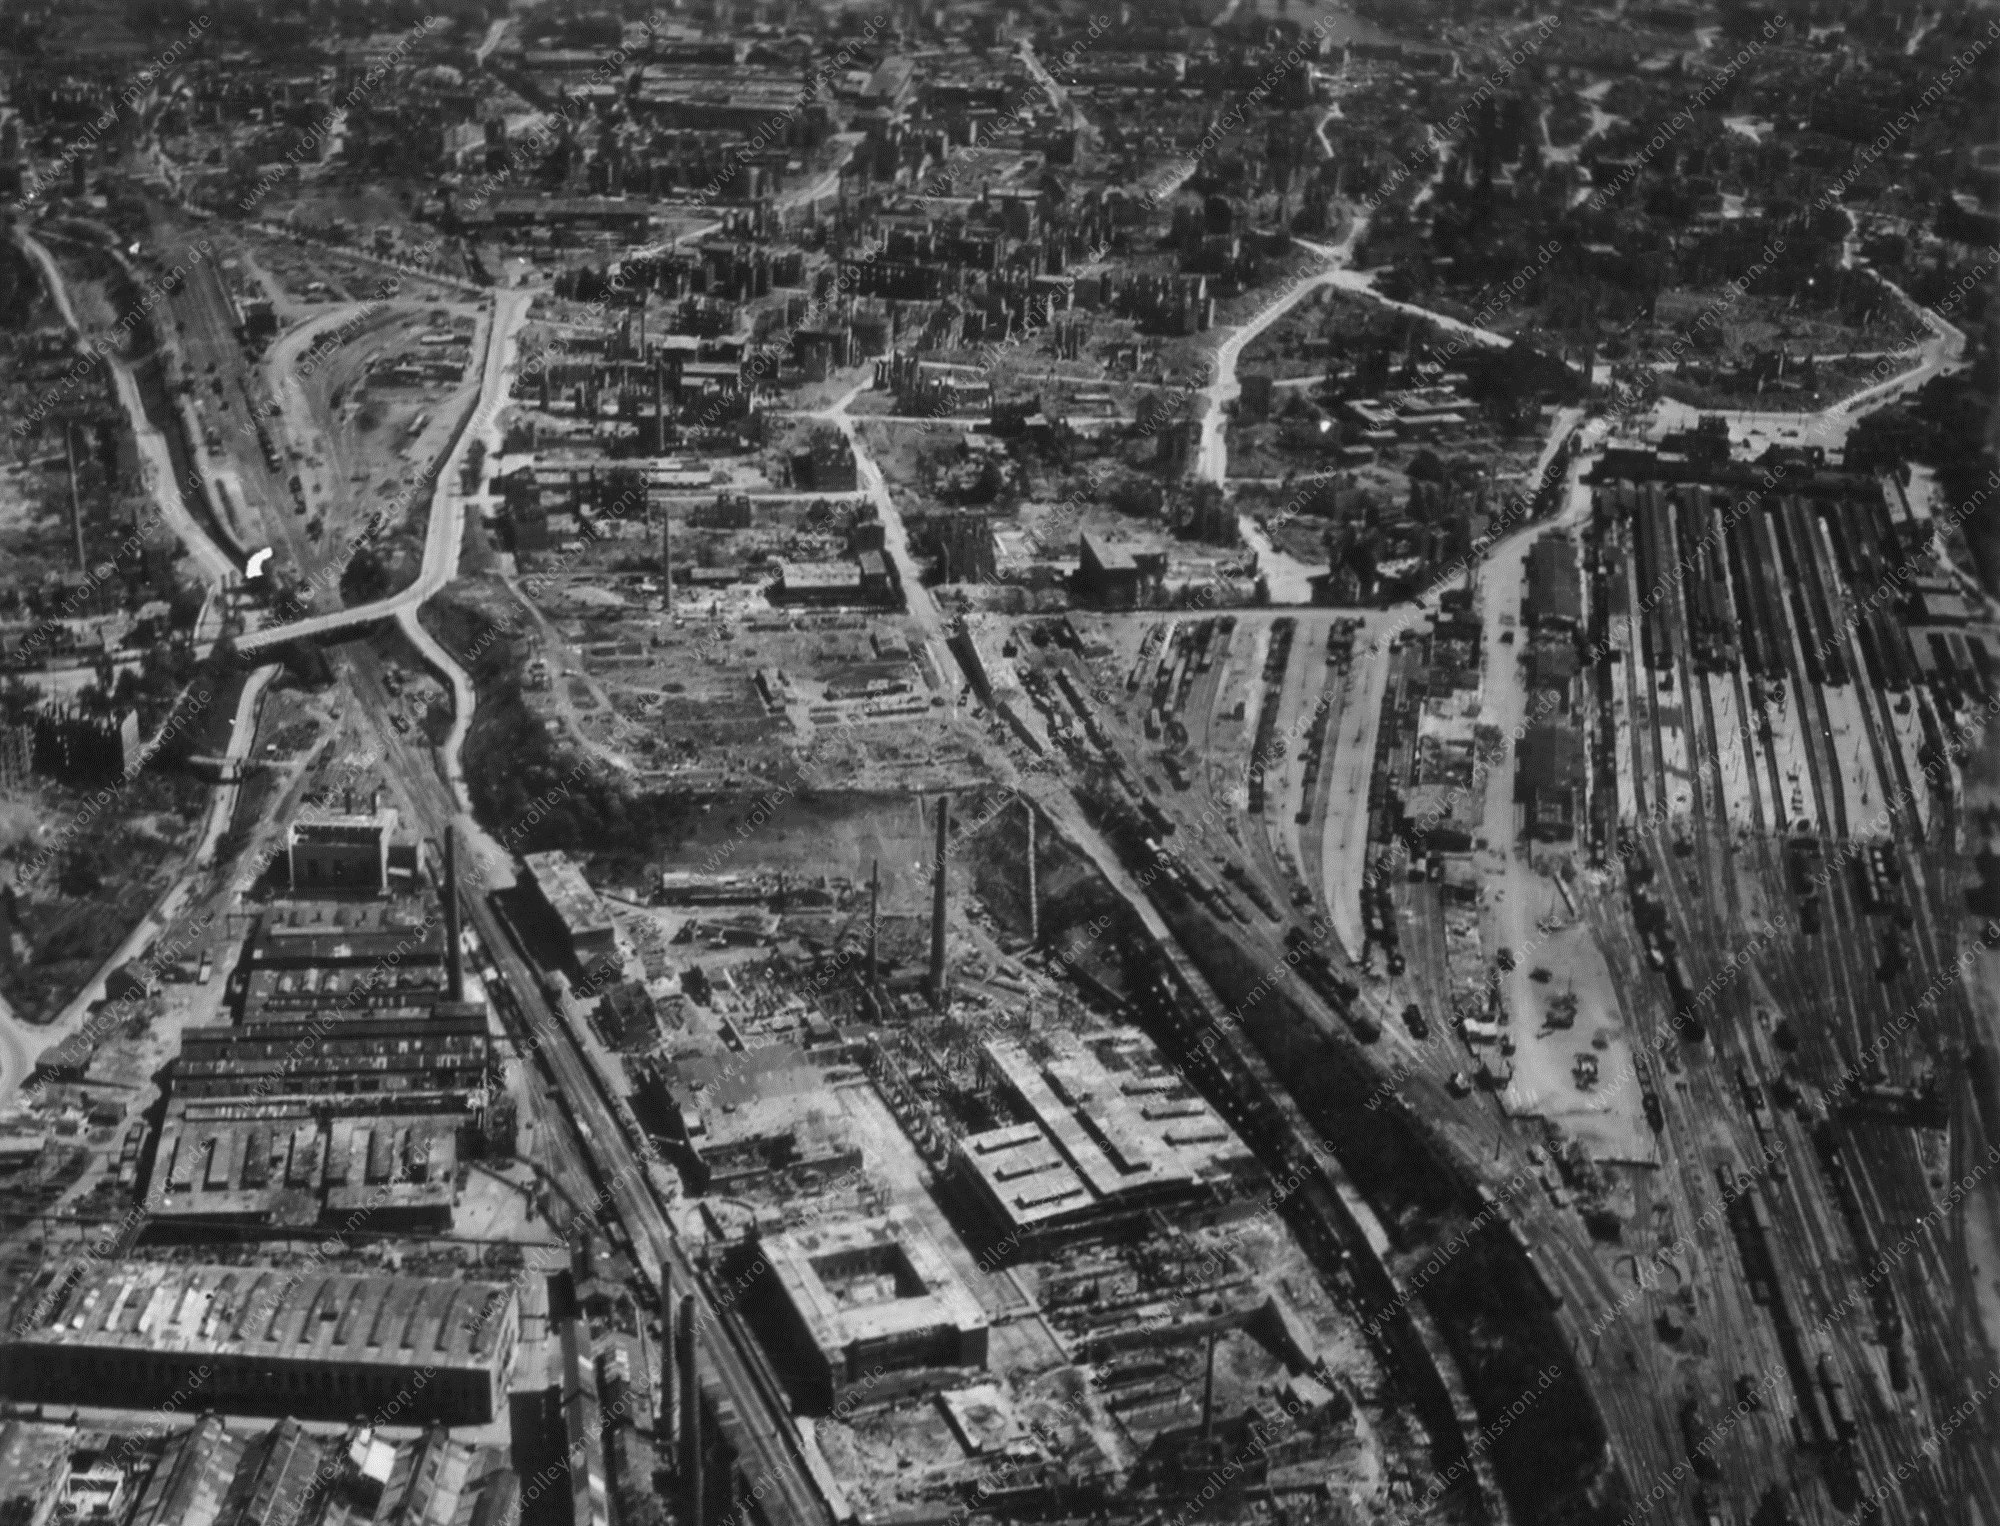 Luftbild Hauptbahnhof und Henschel Hammerschmiede in Kassel aus dem Mai 1945